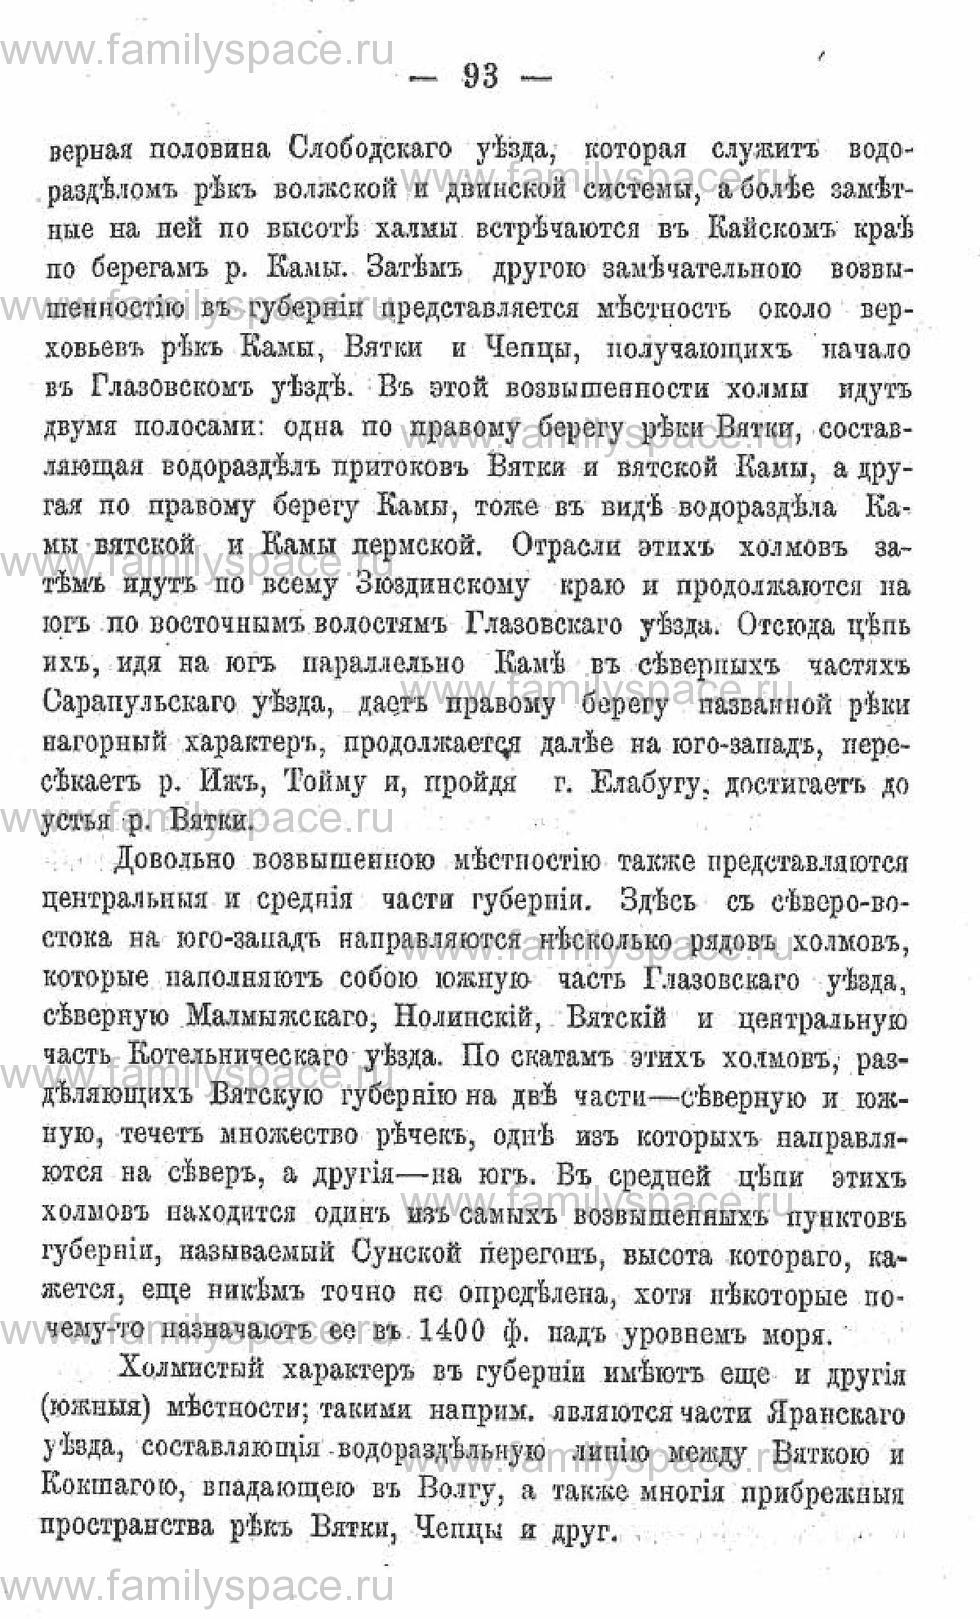 Поиск по фамилии - Календарь Вятской губернии на 1882 год, страница 96